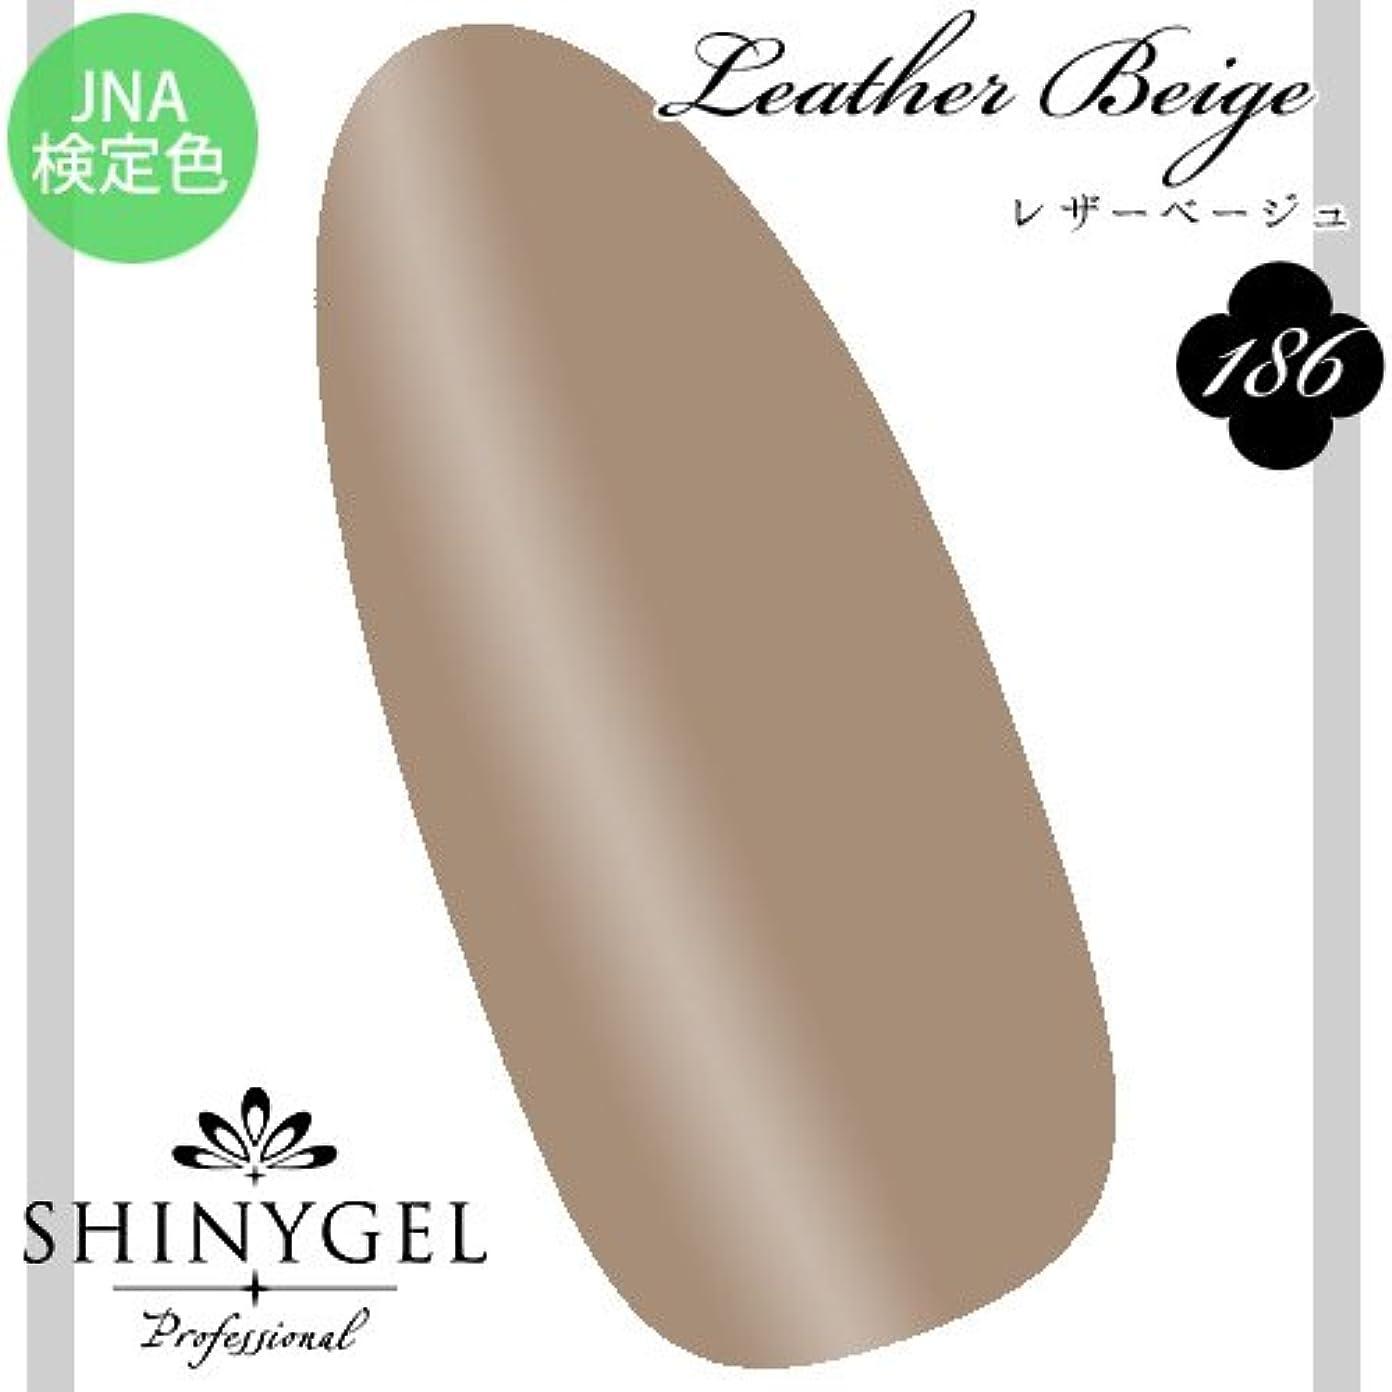 圧力三未来SHINY GEL カラージェル 186 4g レザーベージュ JNA検定色 UV/LED対応